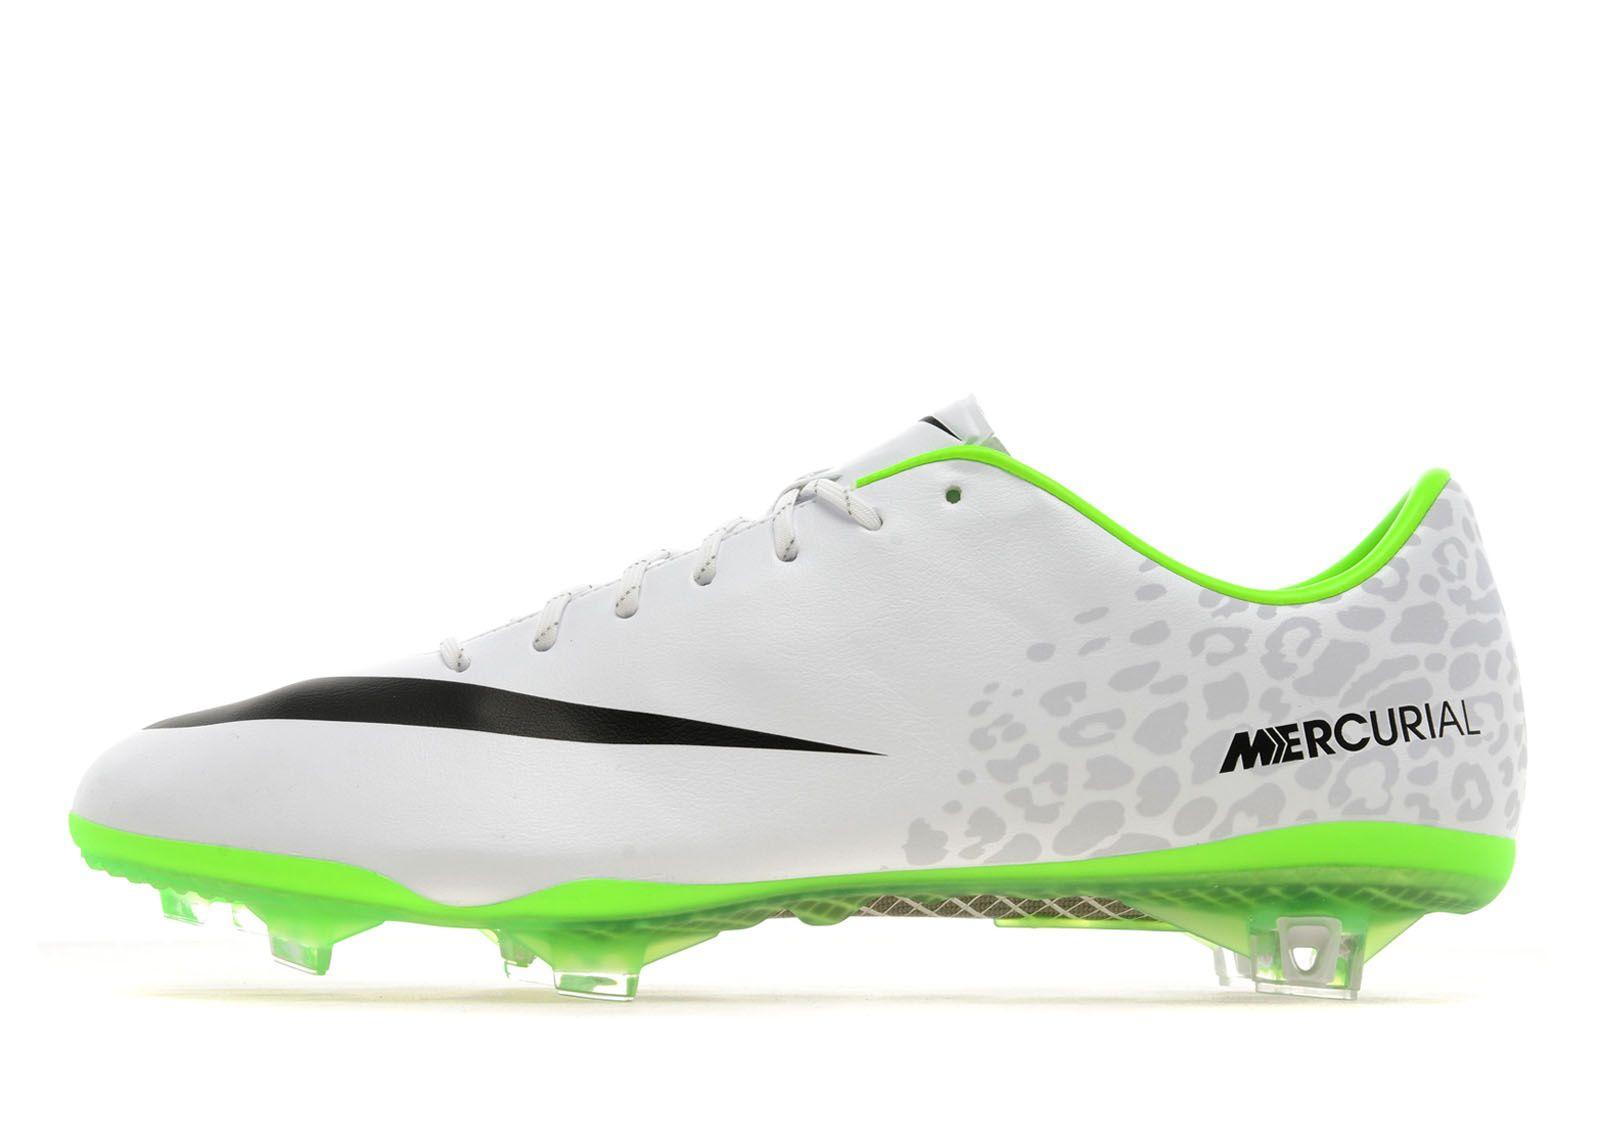 Nike Mercurial Vapor IX Firm Ground